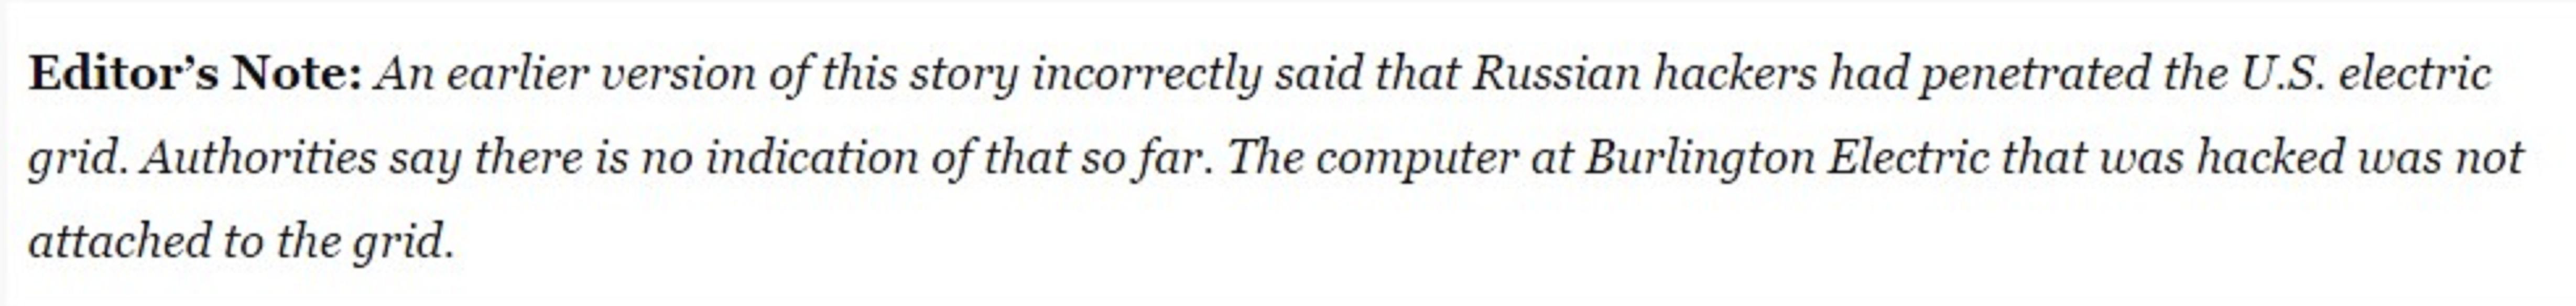 Note de l'éditeur : la version précédente de l'article affirmait incorrectement que des hackers russes avaient pénétré le réseau électrique américain. Les autorités affirment que cela ne correspond pas à la réalité. L'ordinateur de Burlington Electric qui a été piraté ne faisait pas partie du réseau.